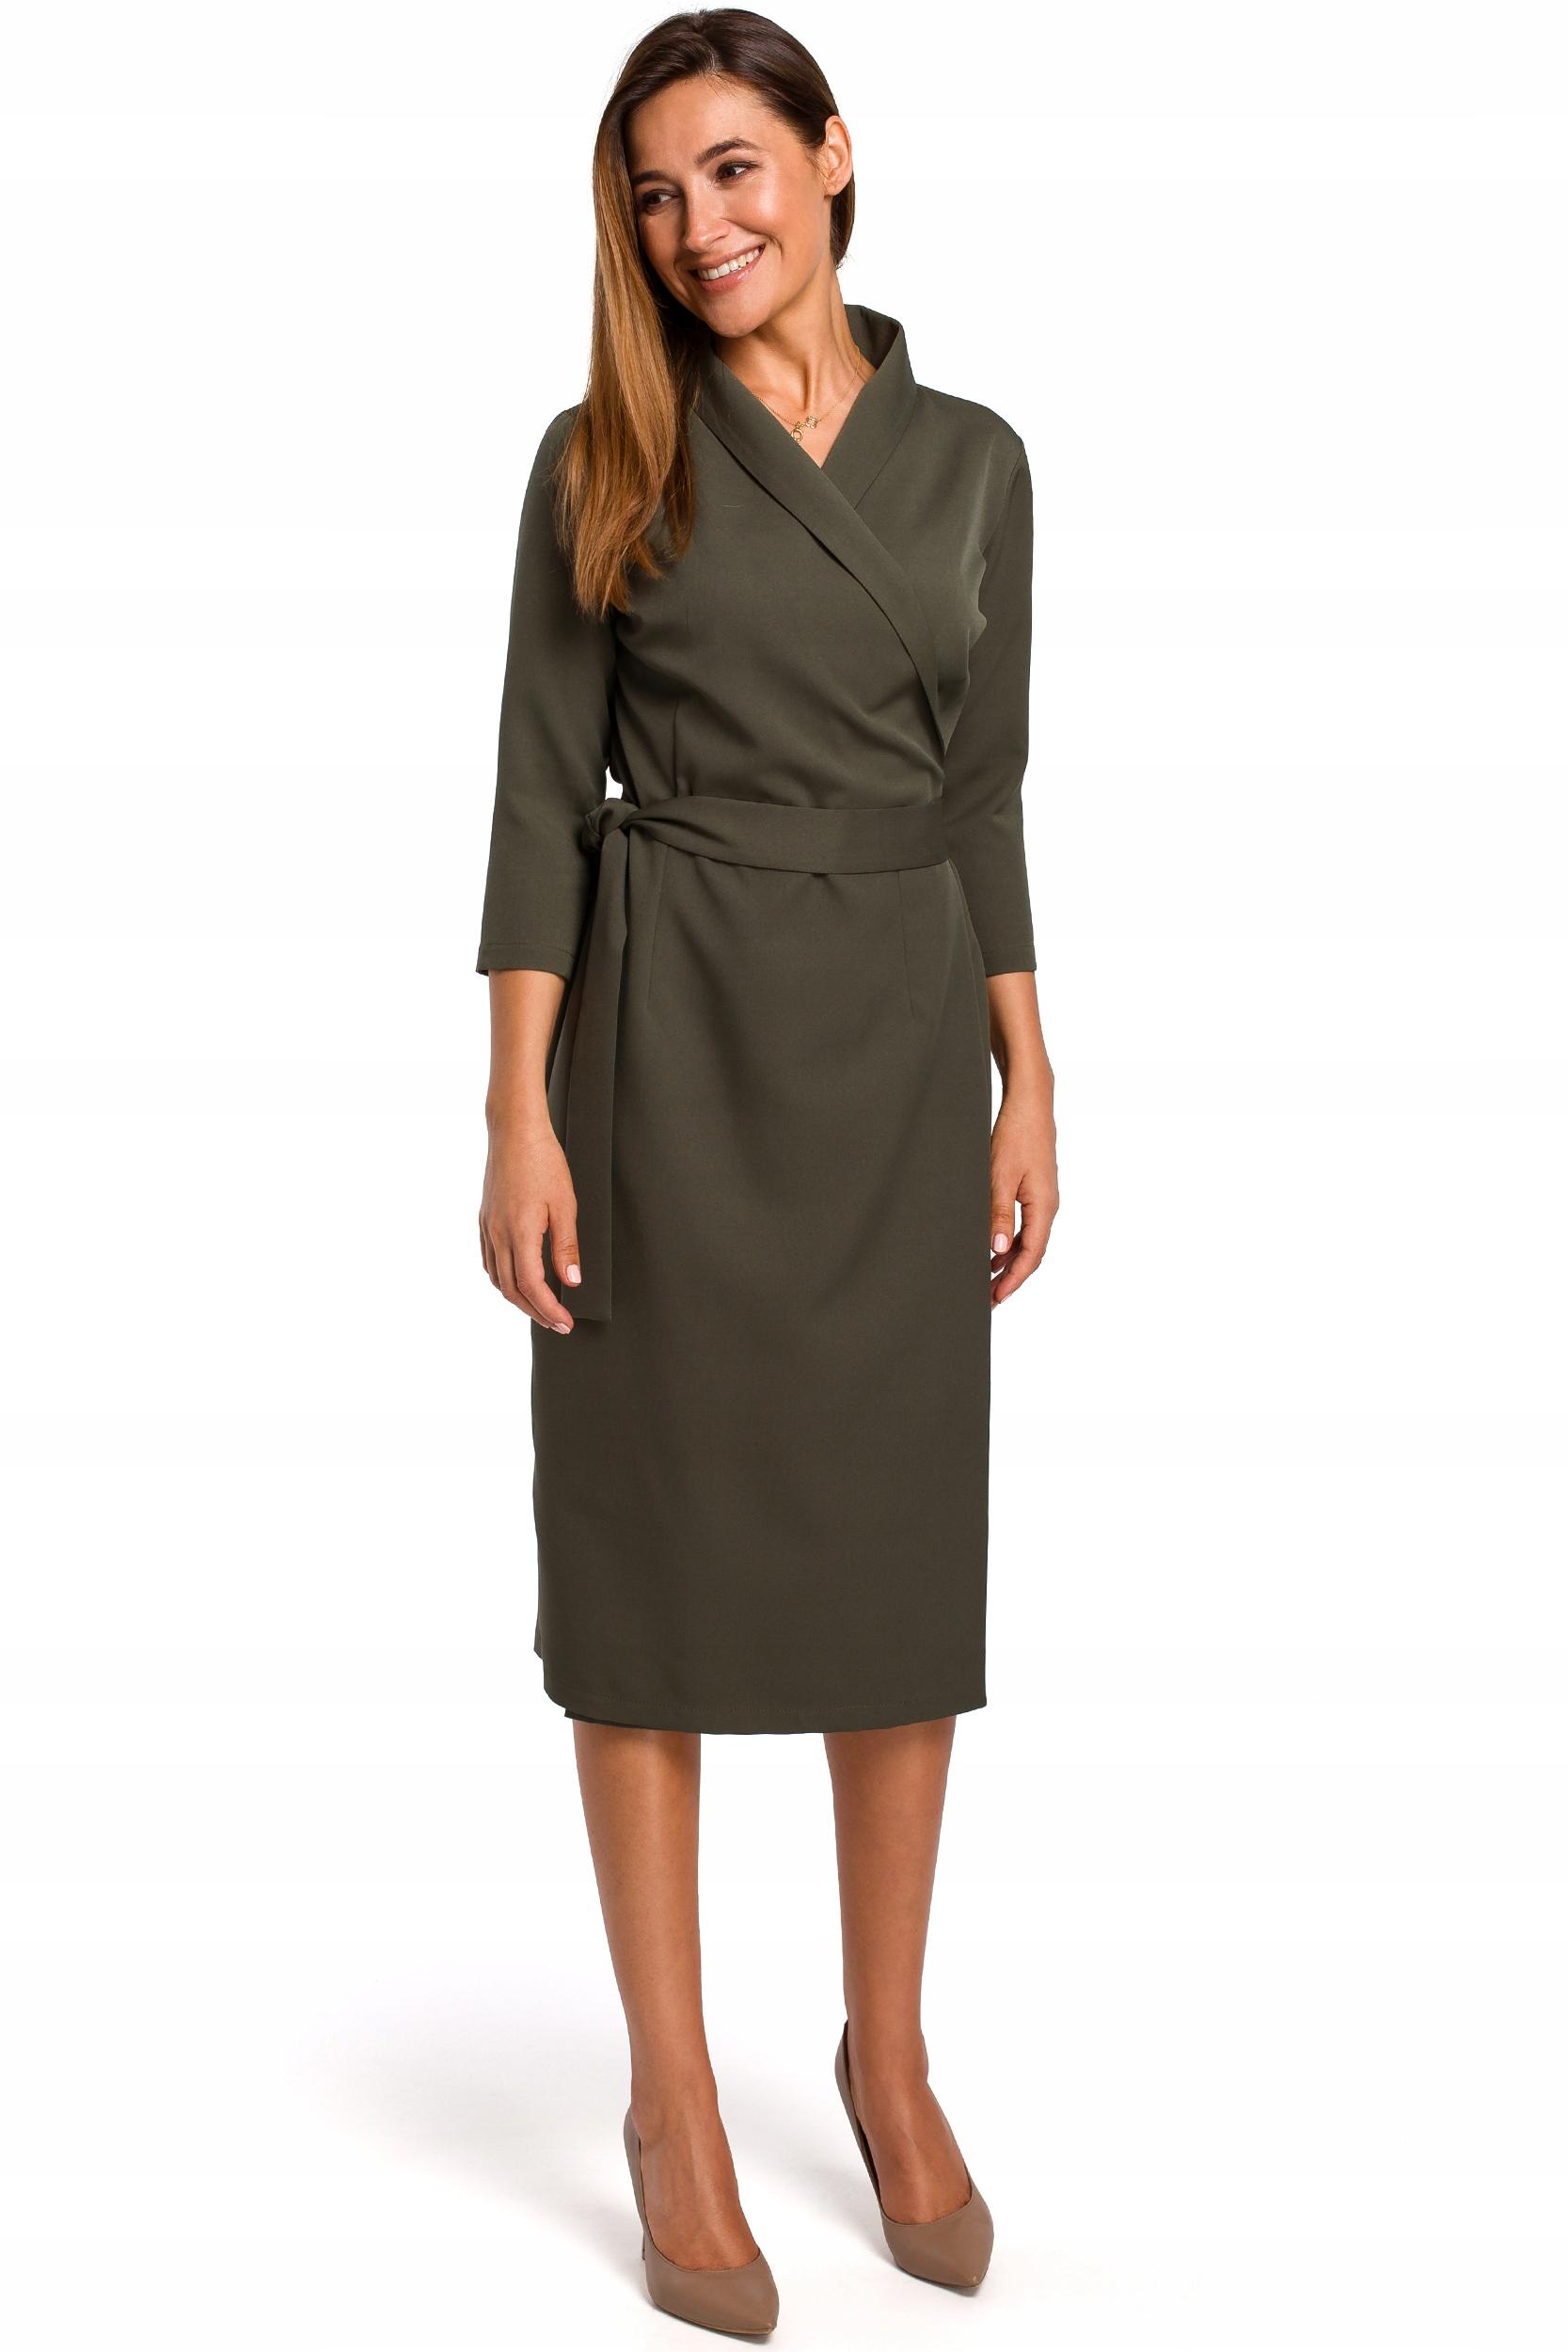 S175 Sukienka na zakładkę z paskiem - khaki 40 | L